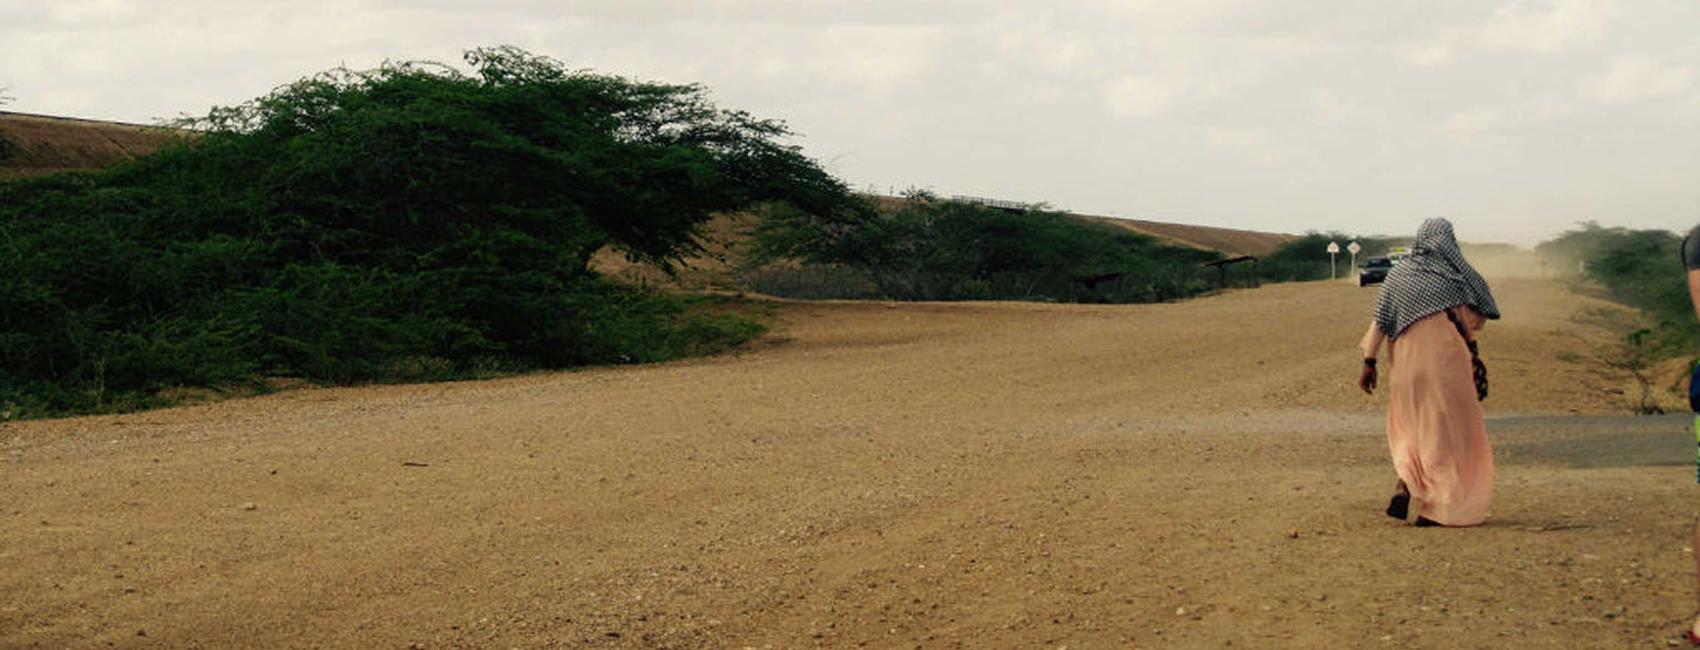 Ensamble investigaciones Foto mujer en la Guajira Colombiana